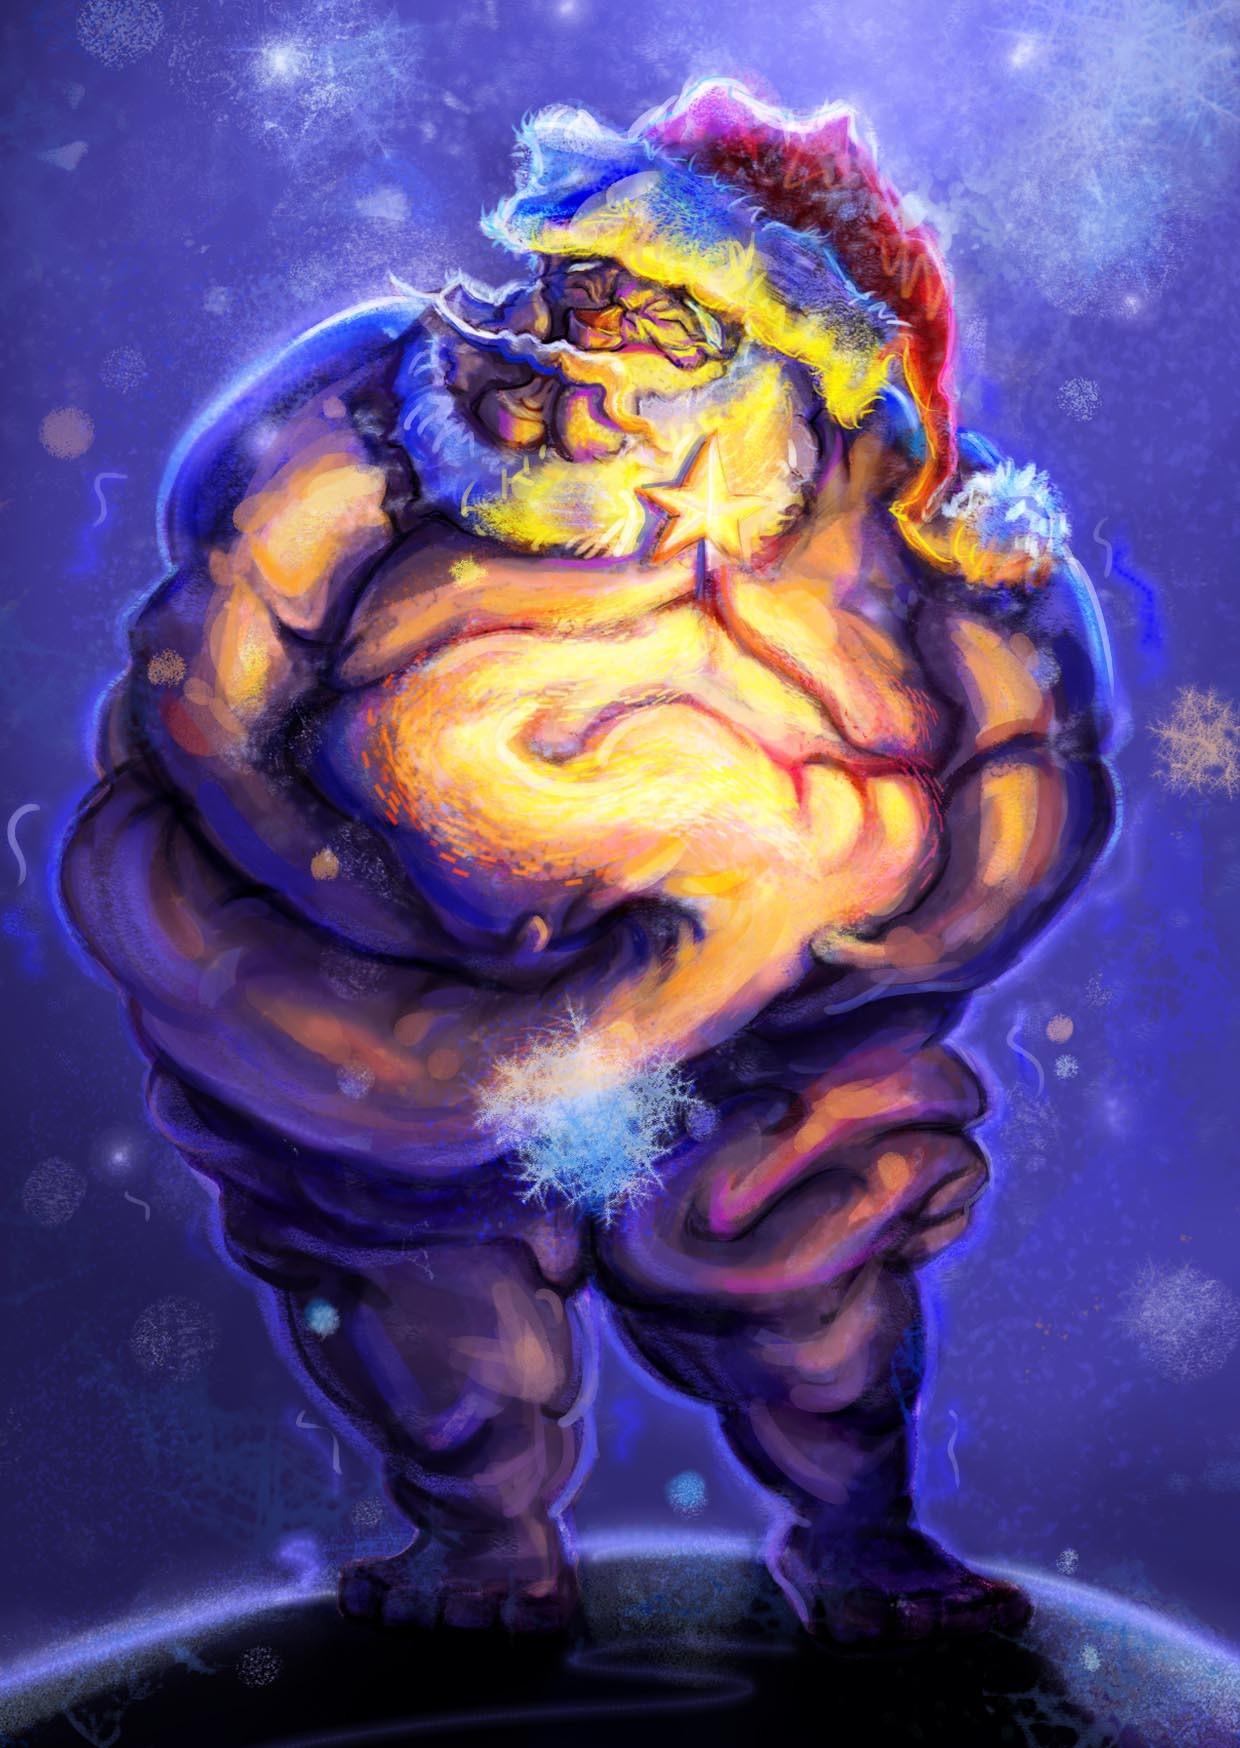 Merry Christmas ~HoHoHo~